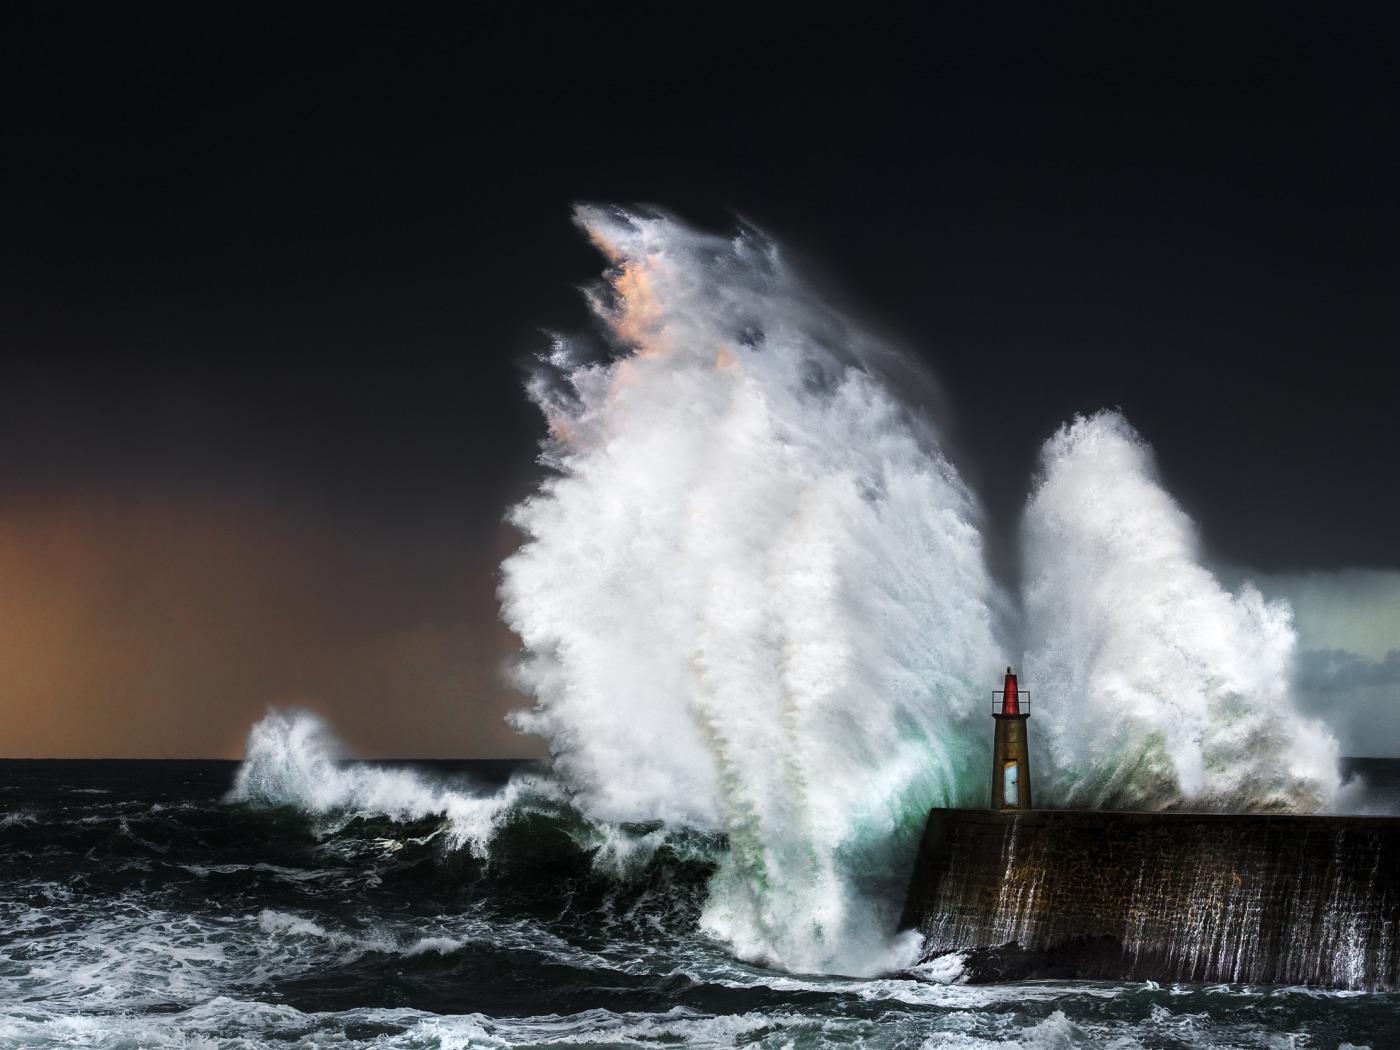 Потрясающие фото морских штормов